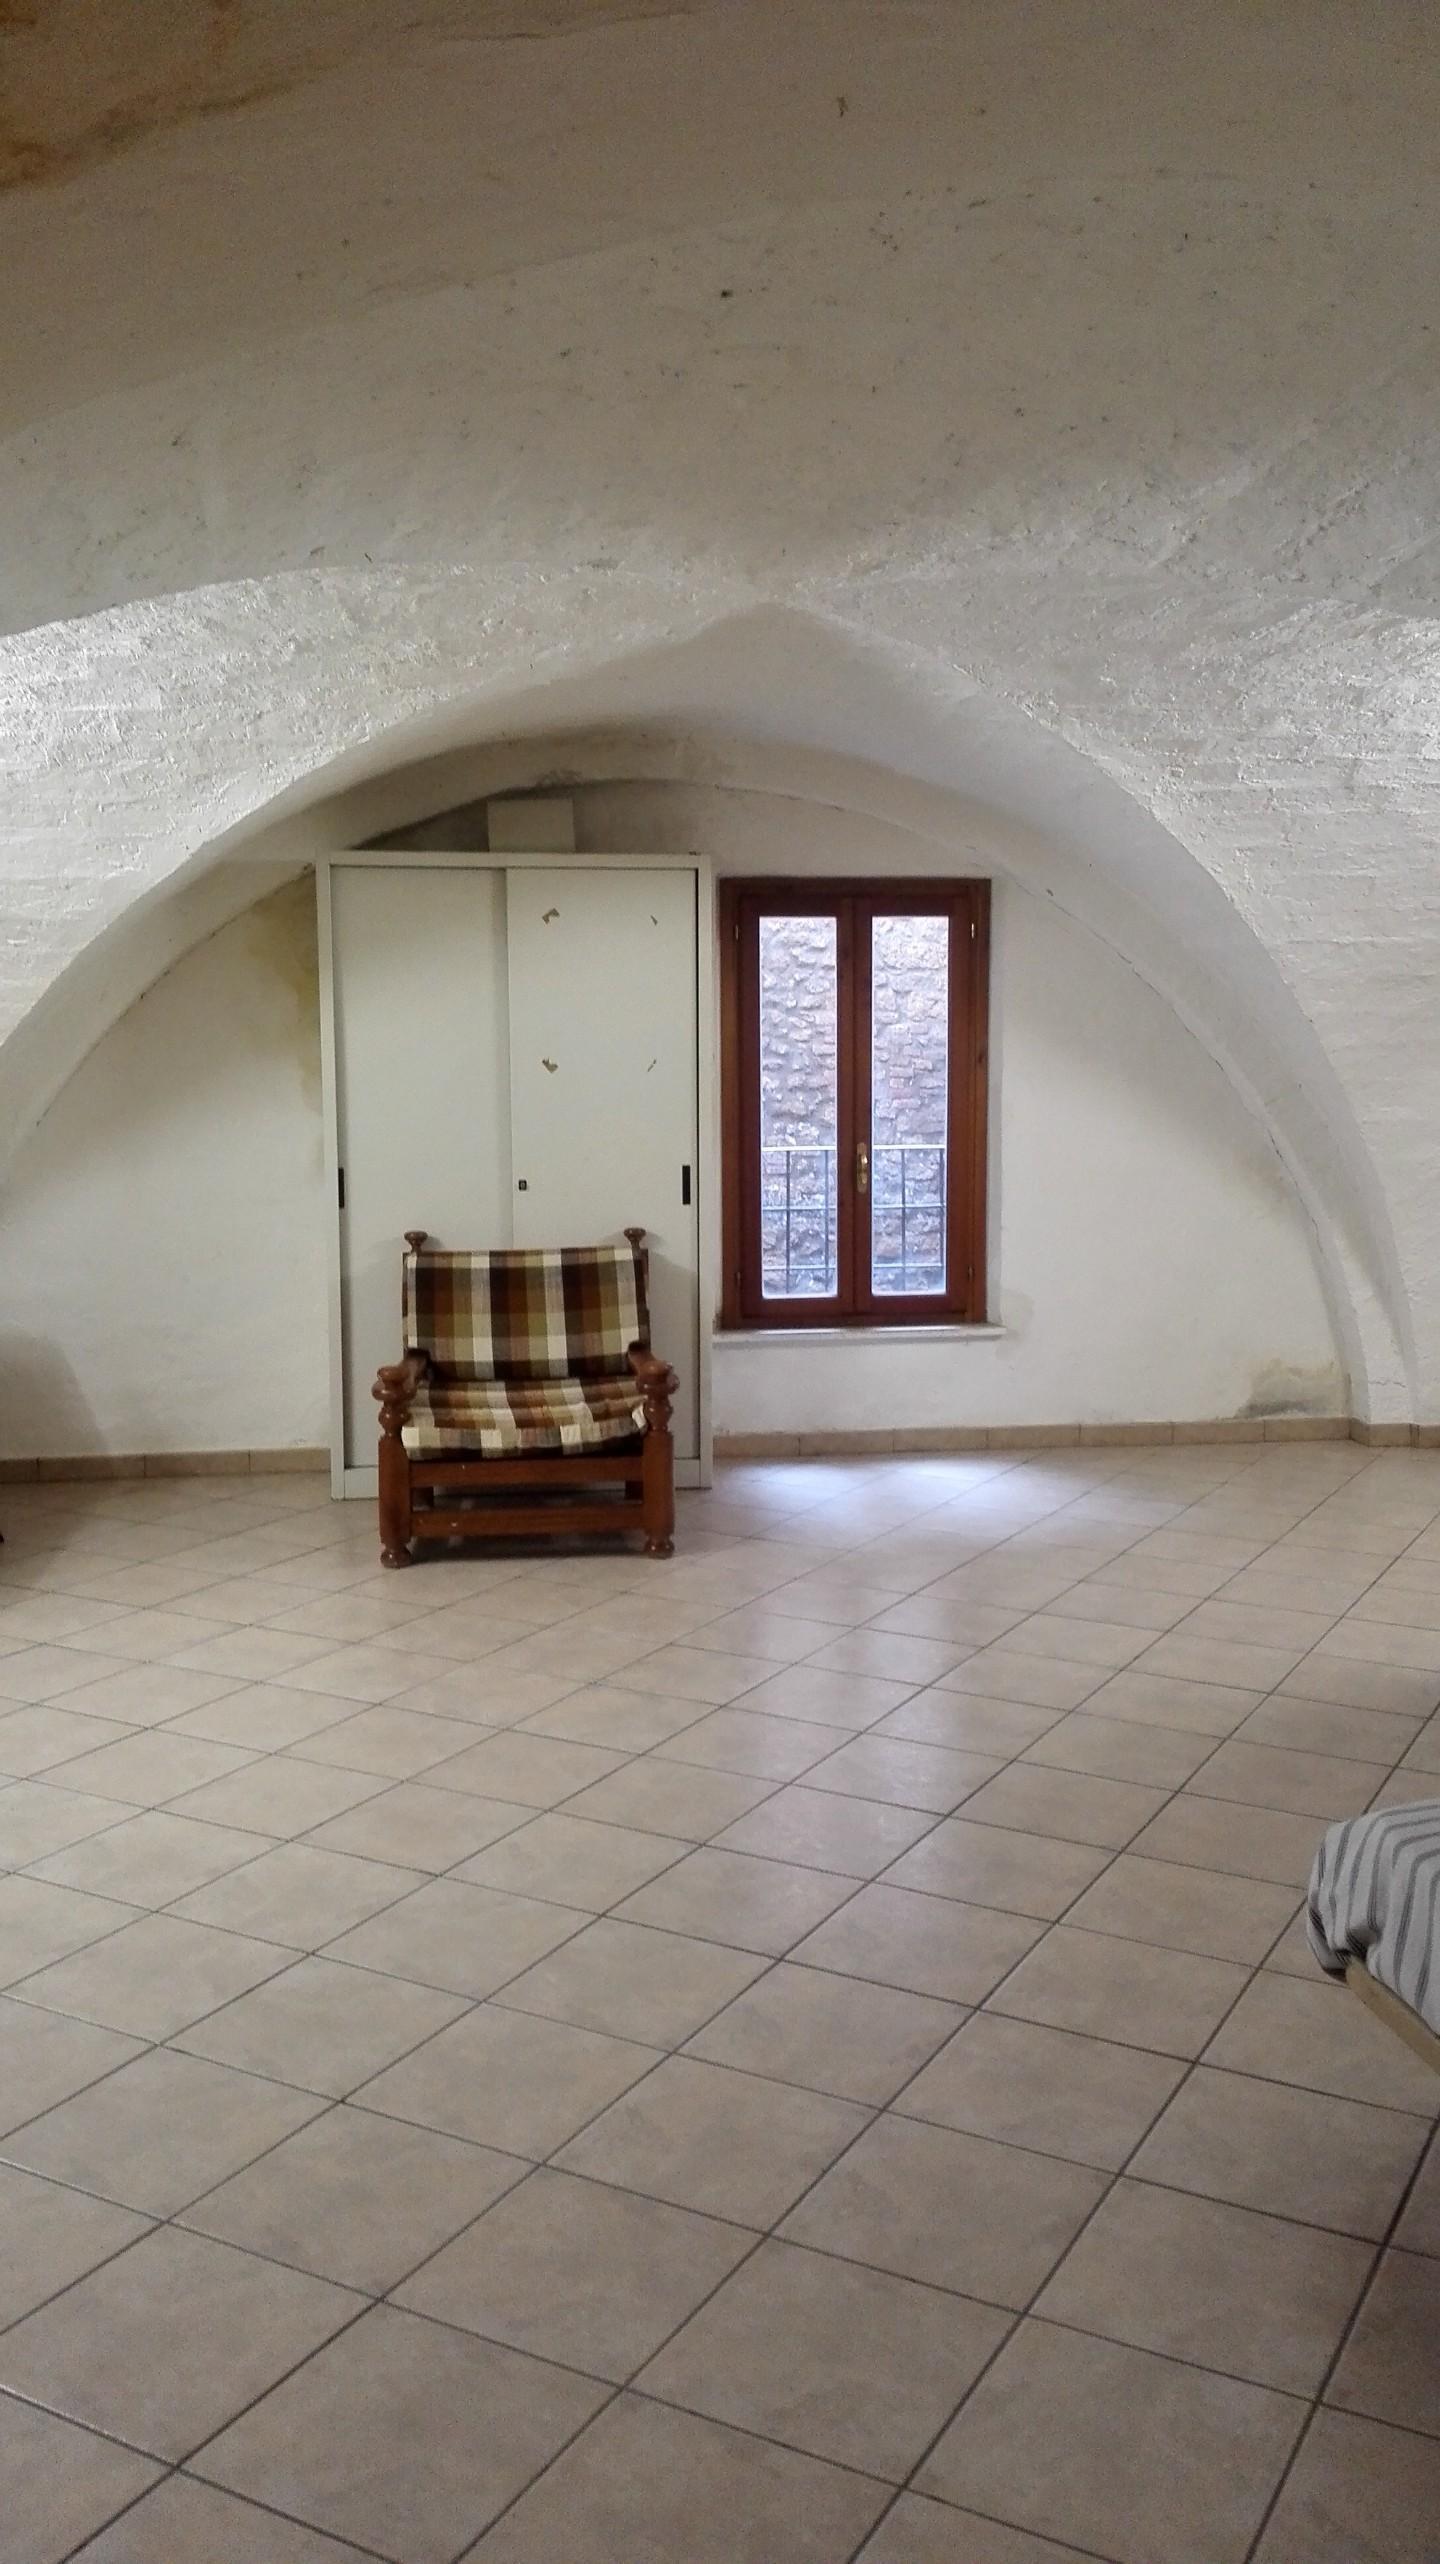 Ufficio / Studio in vendita a Volterra, 9 locali, prezzo € 149.000 | CambioCasa.it